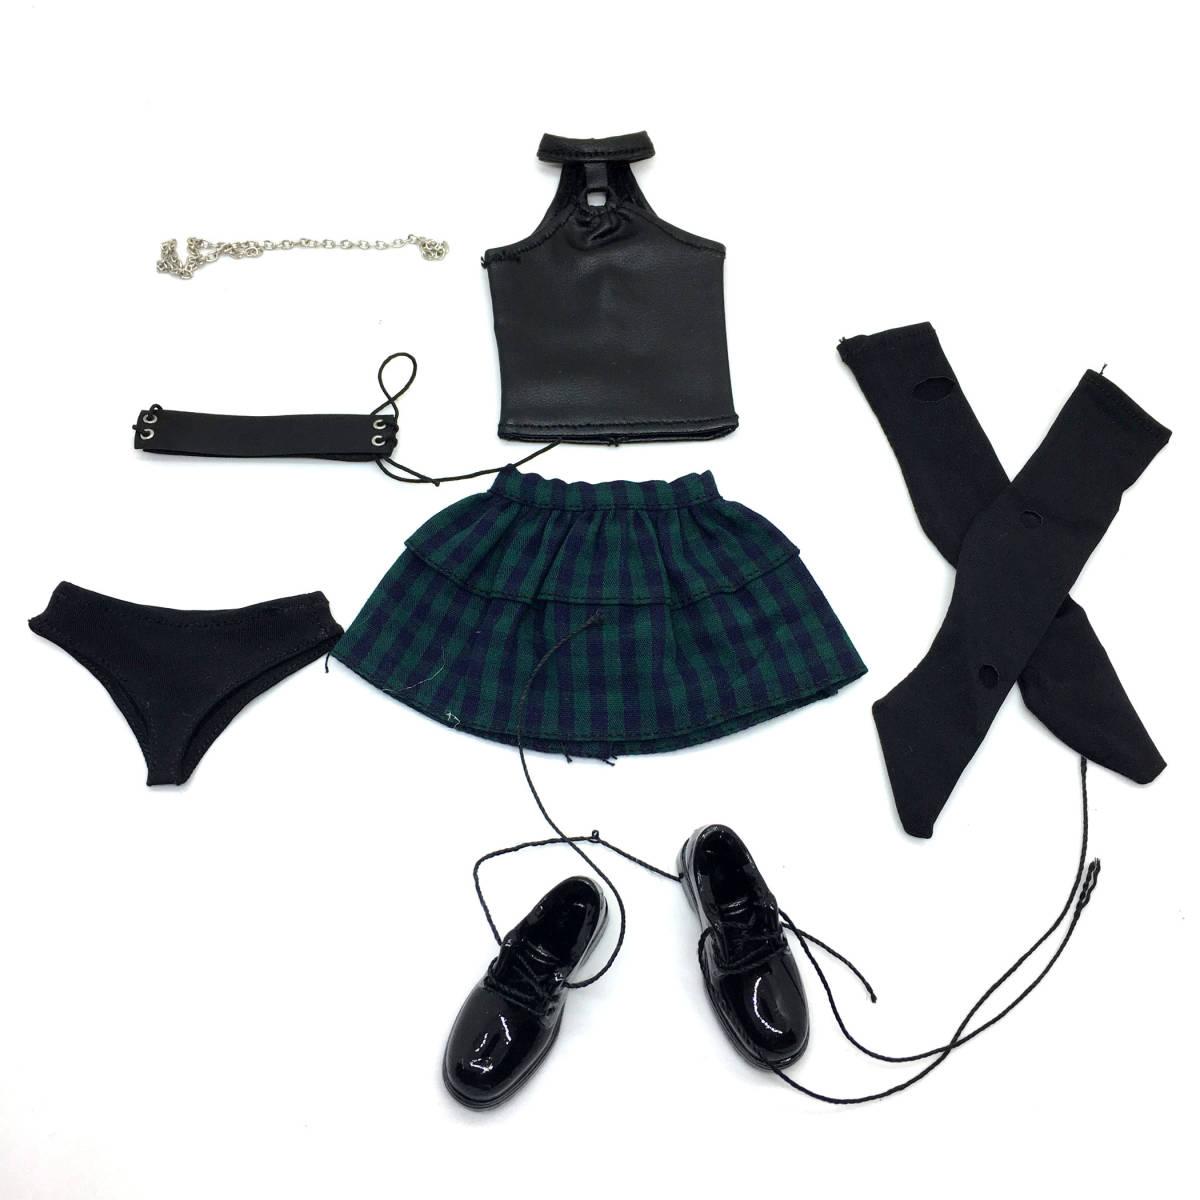 送料無料A26 1/6 サイズ Phicen /BLeague/Jiaou Doll素体対応 女性のファッションスーツ 衣装 7点セット 番号A26_画像7